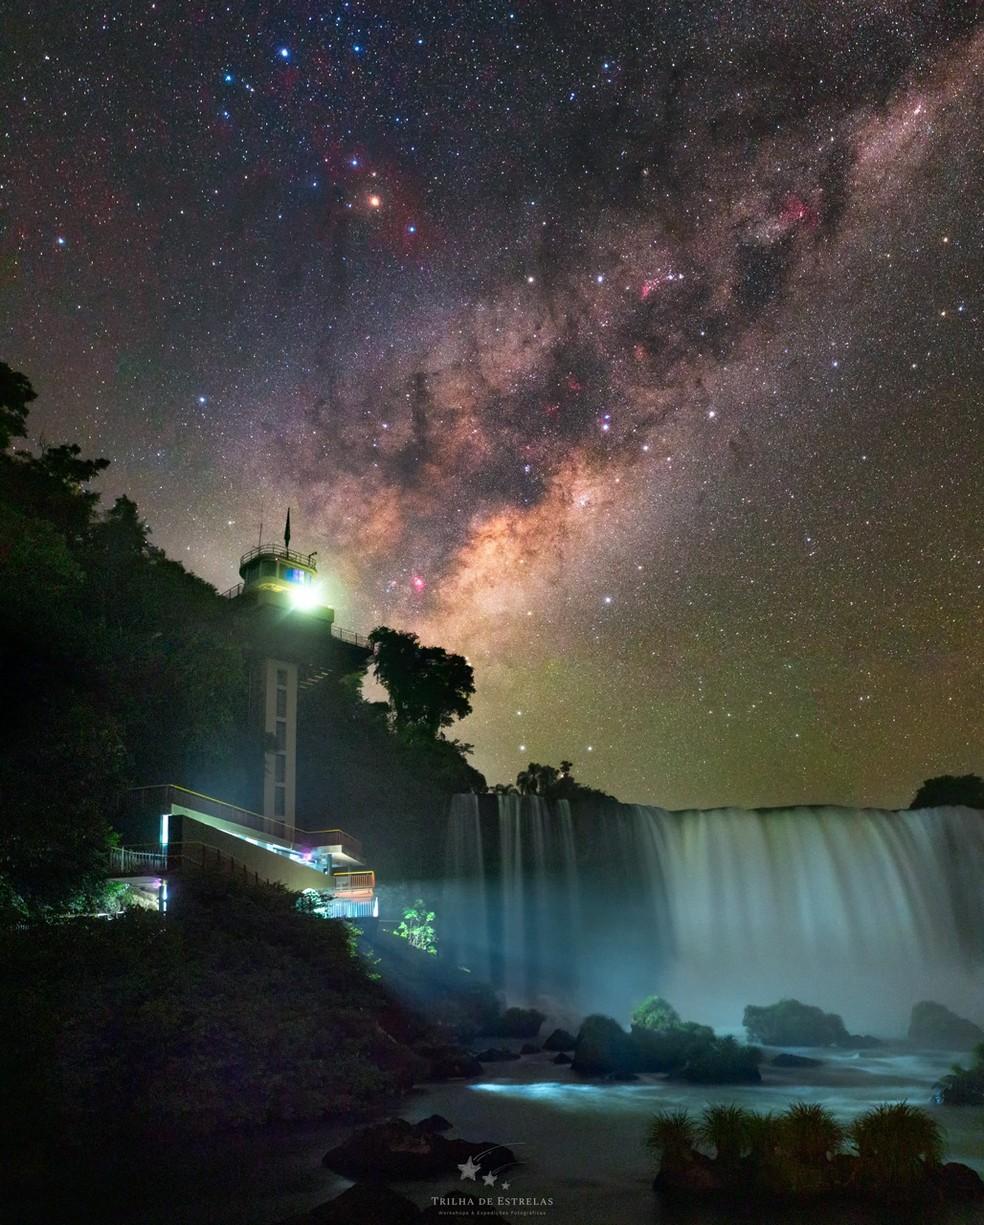 Núcleo da Via Láctea foi fotografado próximo do mirante das Cataratas do Iguaçu — Foto: Victor Lima/Divulgação